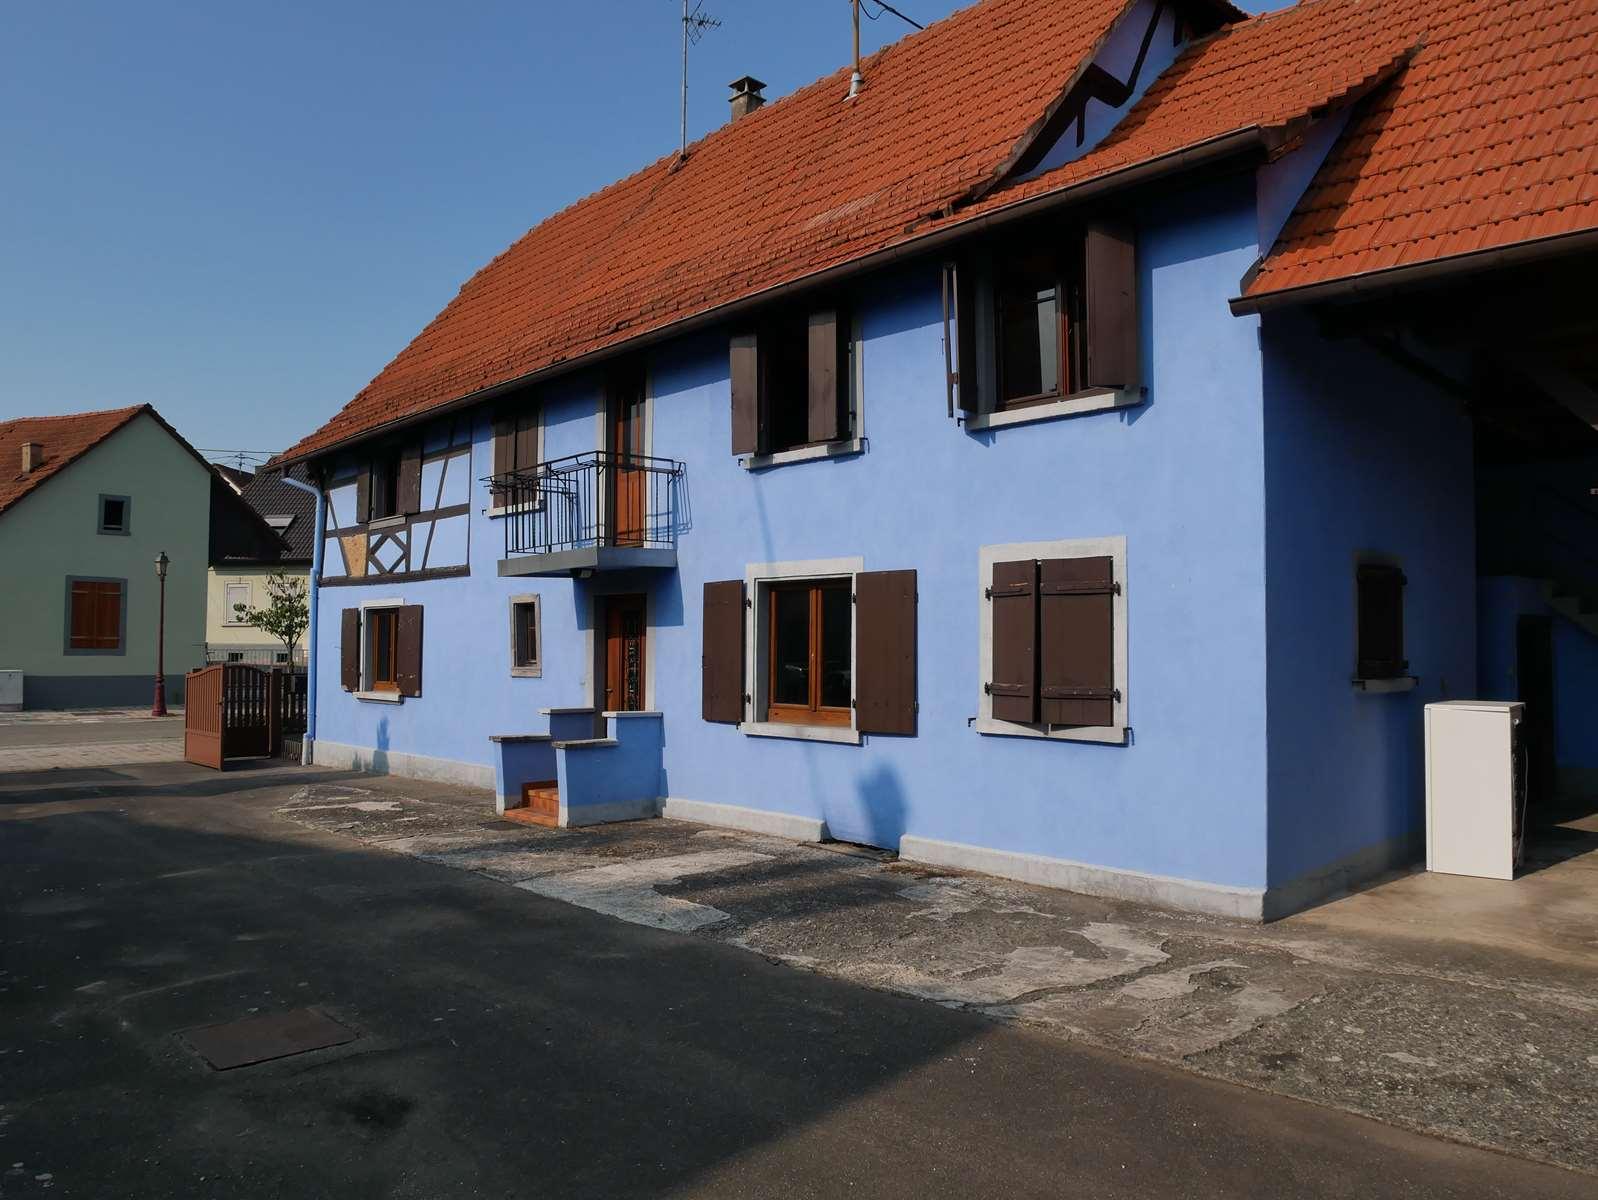 [Farmer] Une superbe maison alsacienne dans un corps de ferme - Weyersheim - nos ventes - Beausite Immobilier 3